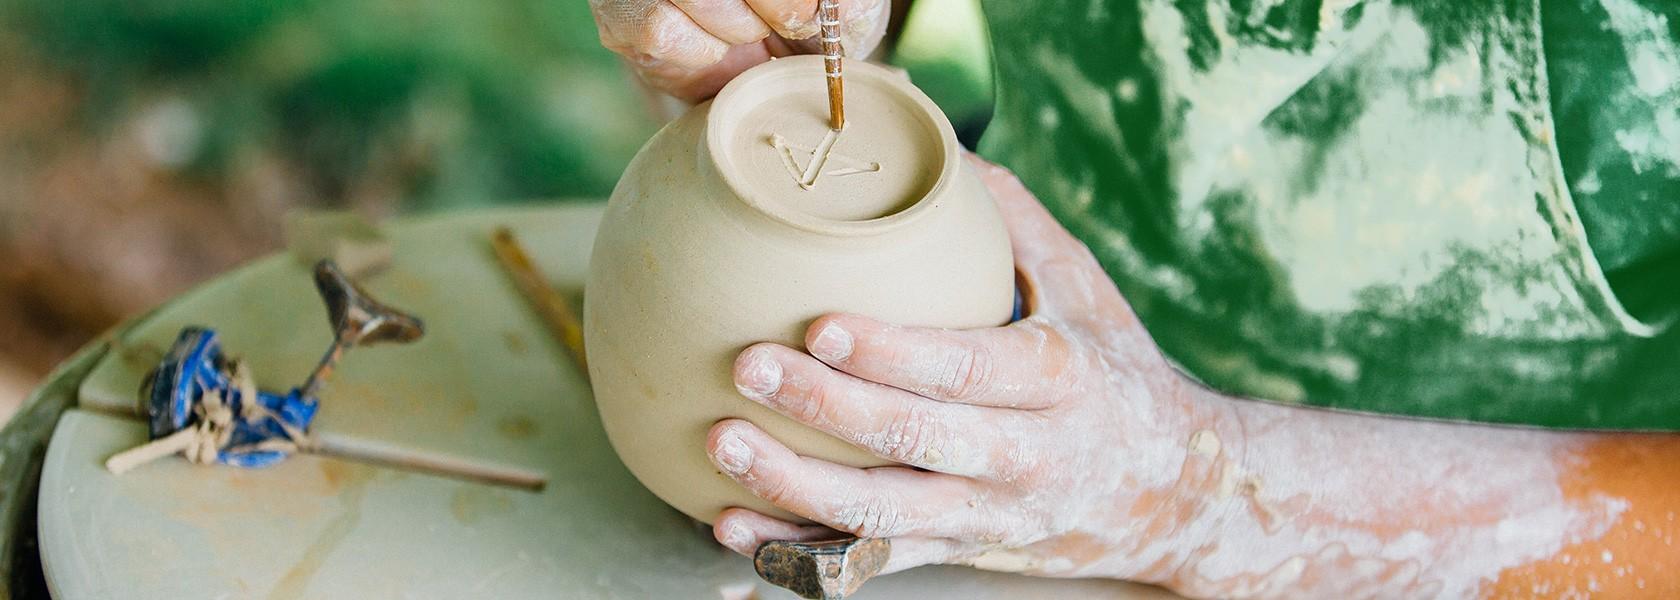 person mit tonflecken an den händen bearbeitet tongefäß